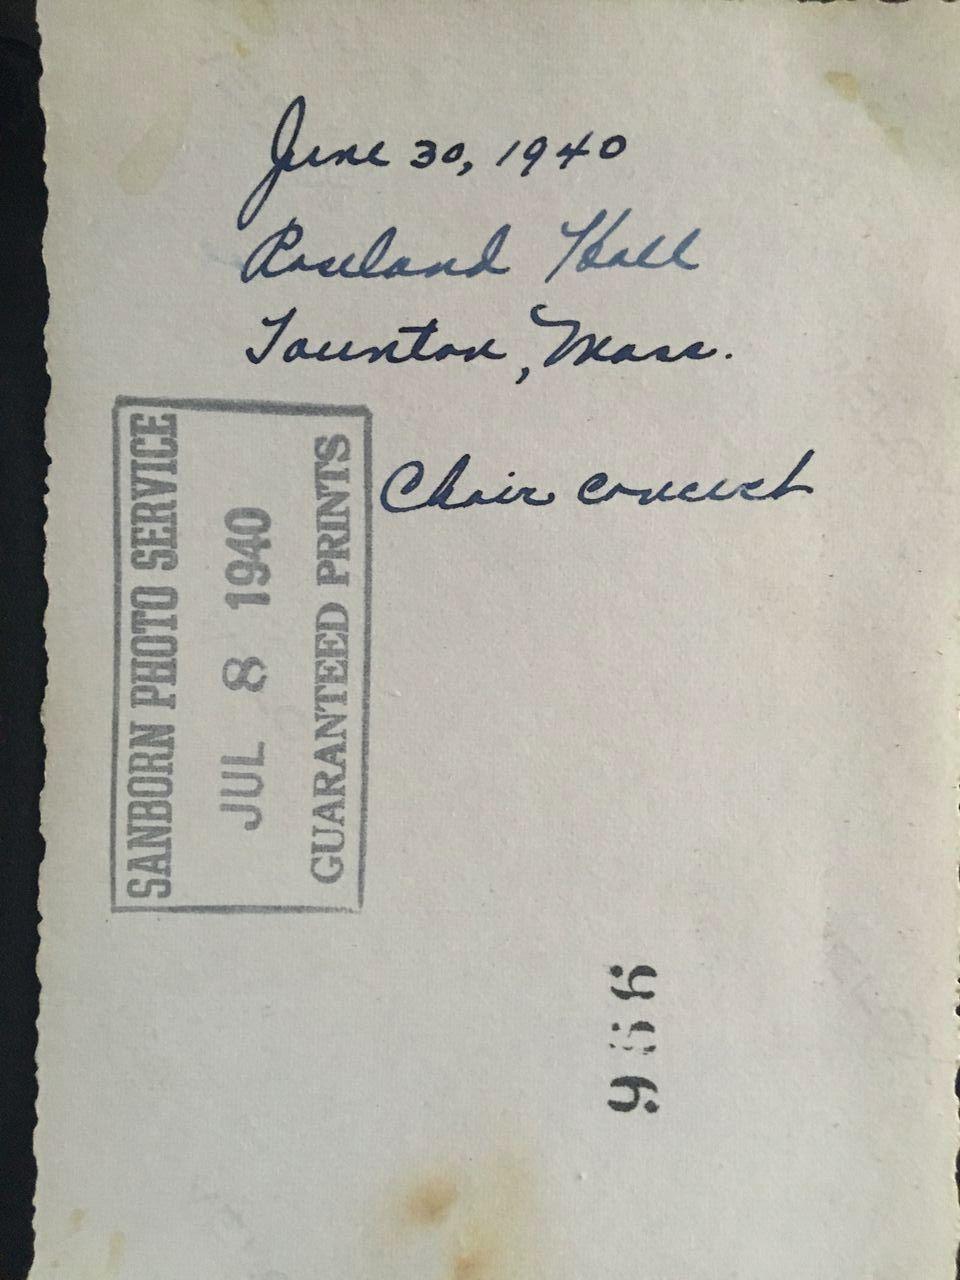 june 30 1940 1 b